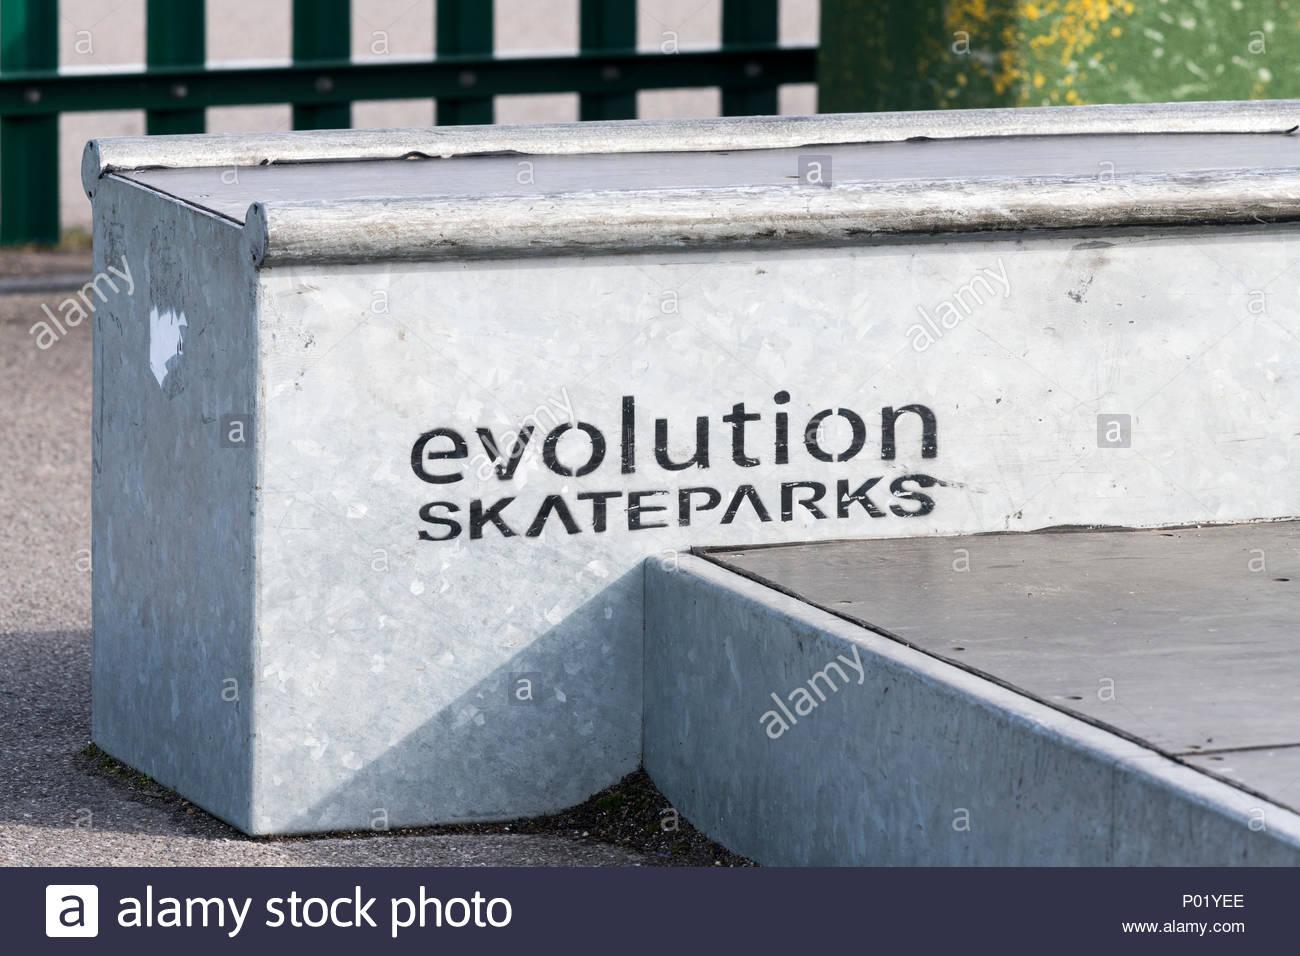 Evolución skateparks, Blandford, Dorset, Inglaterra, Reino Unido. Imagen De Stock